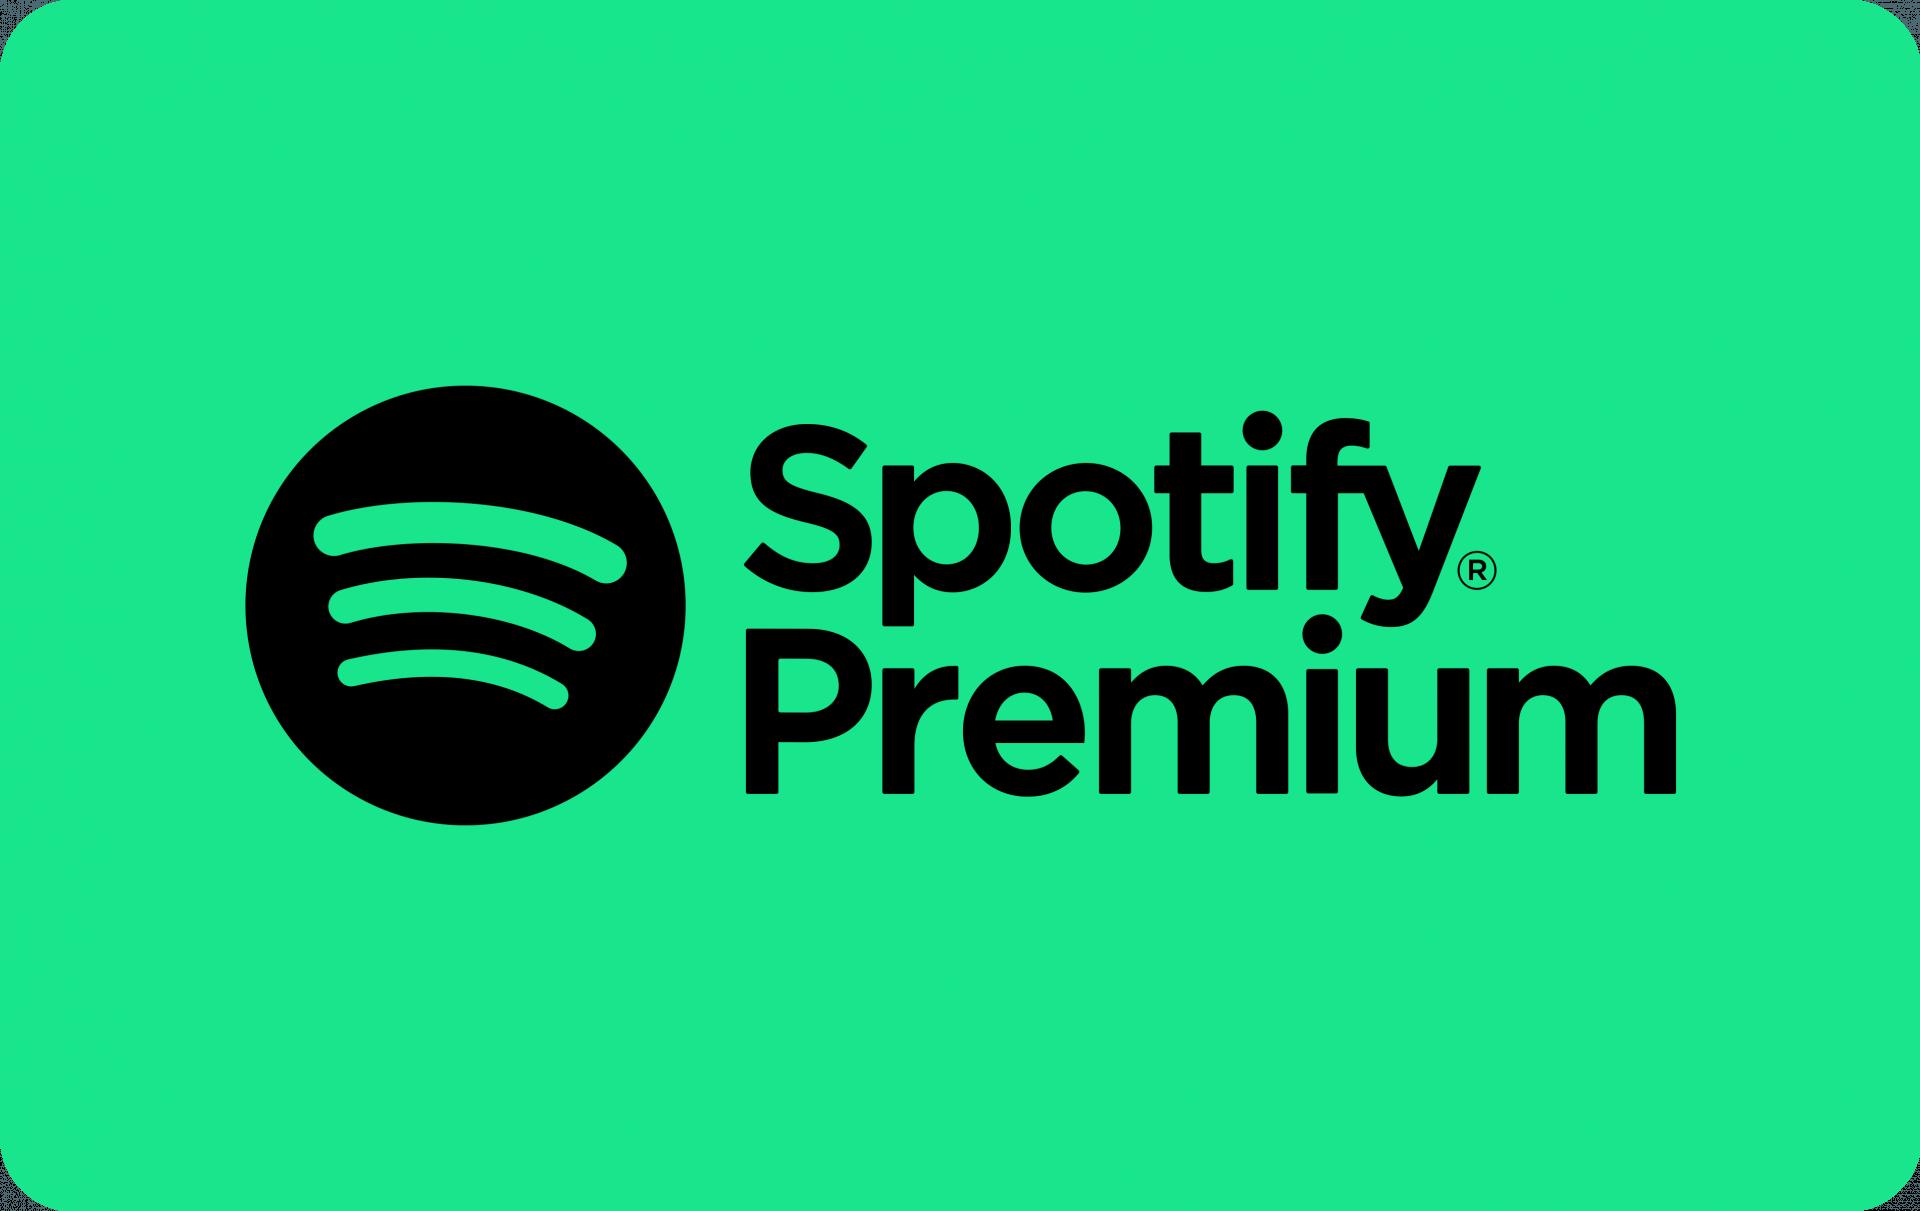 Download Spotify Premium Apk 8 5 36 747 Latest Version Techerrorz Descargar Música Canciones Musica